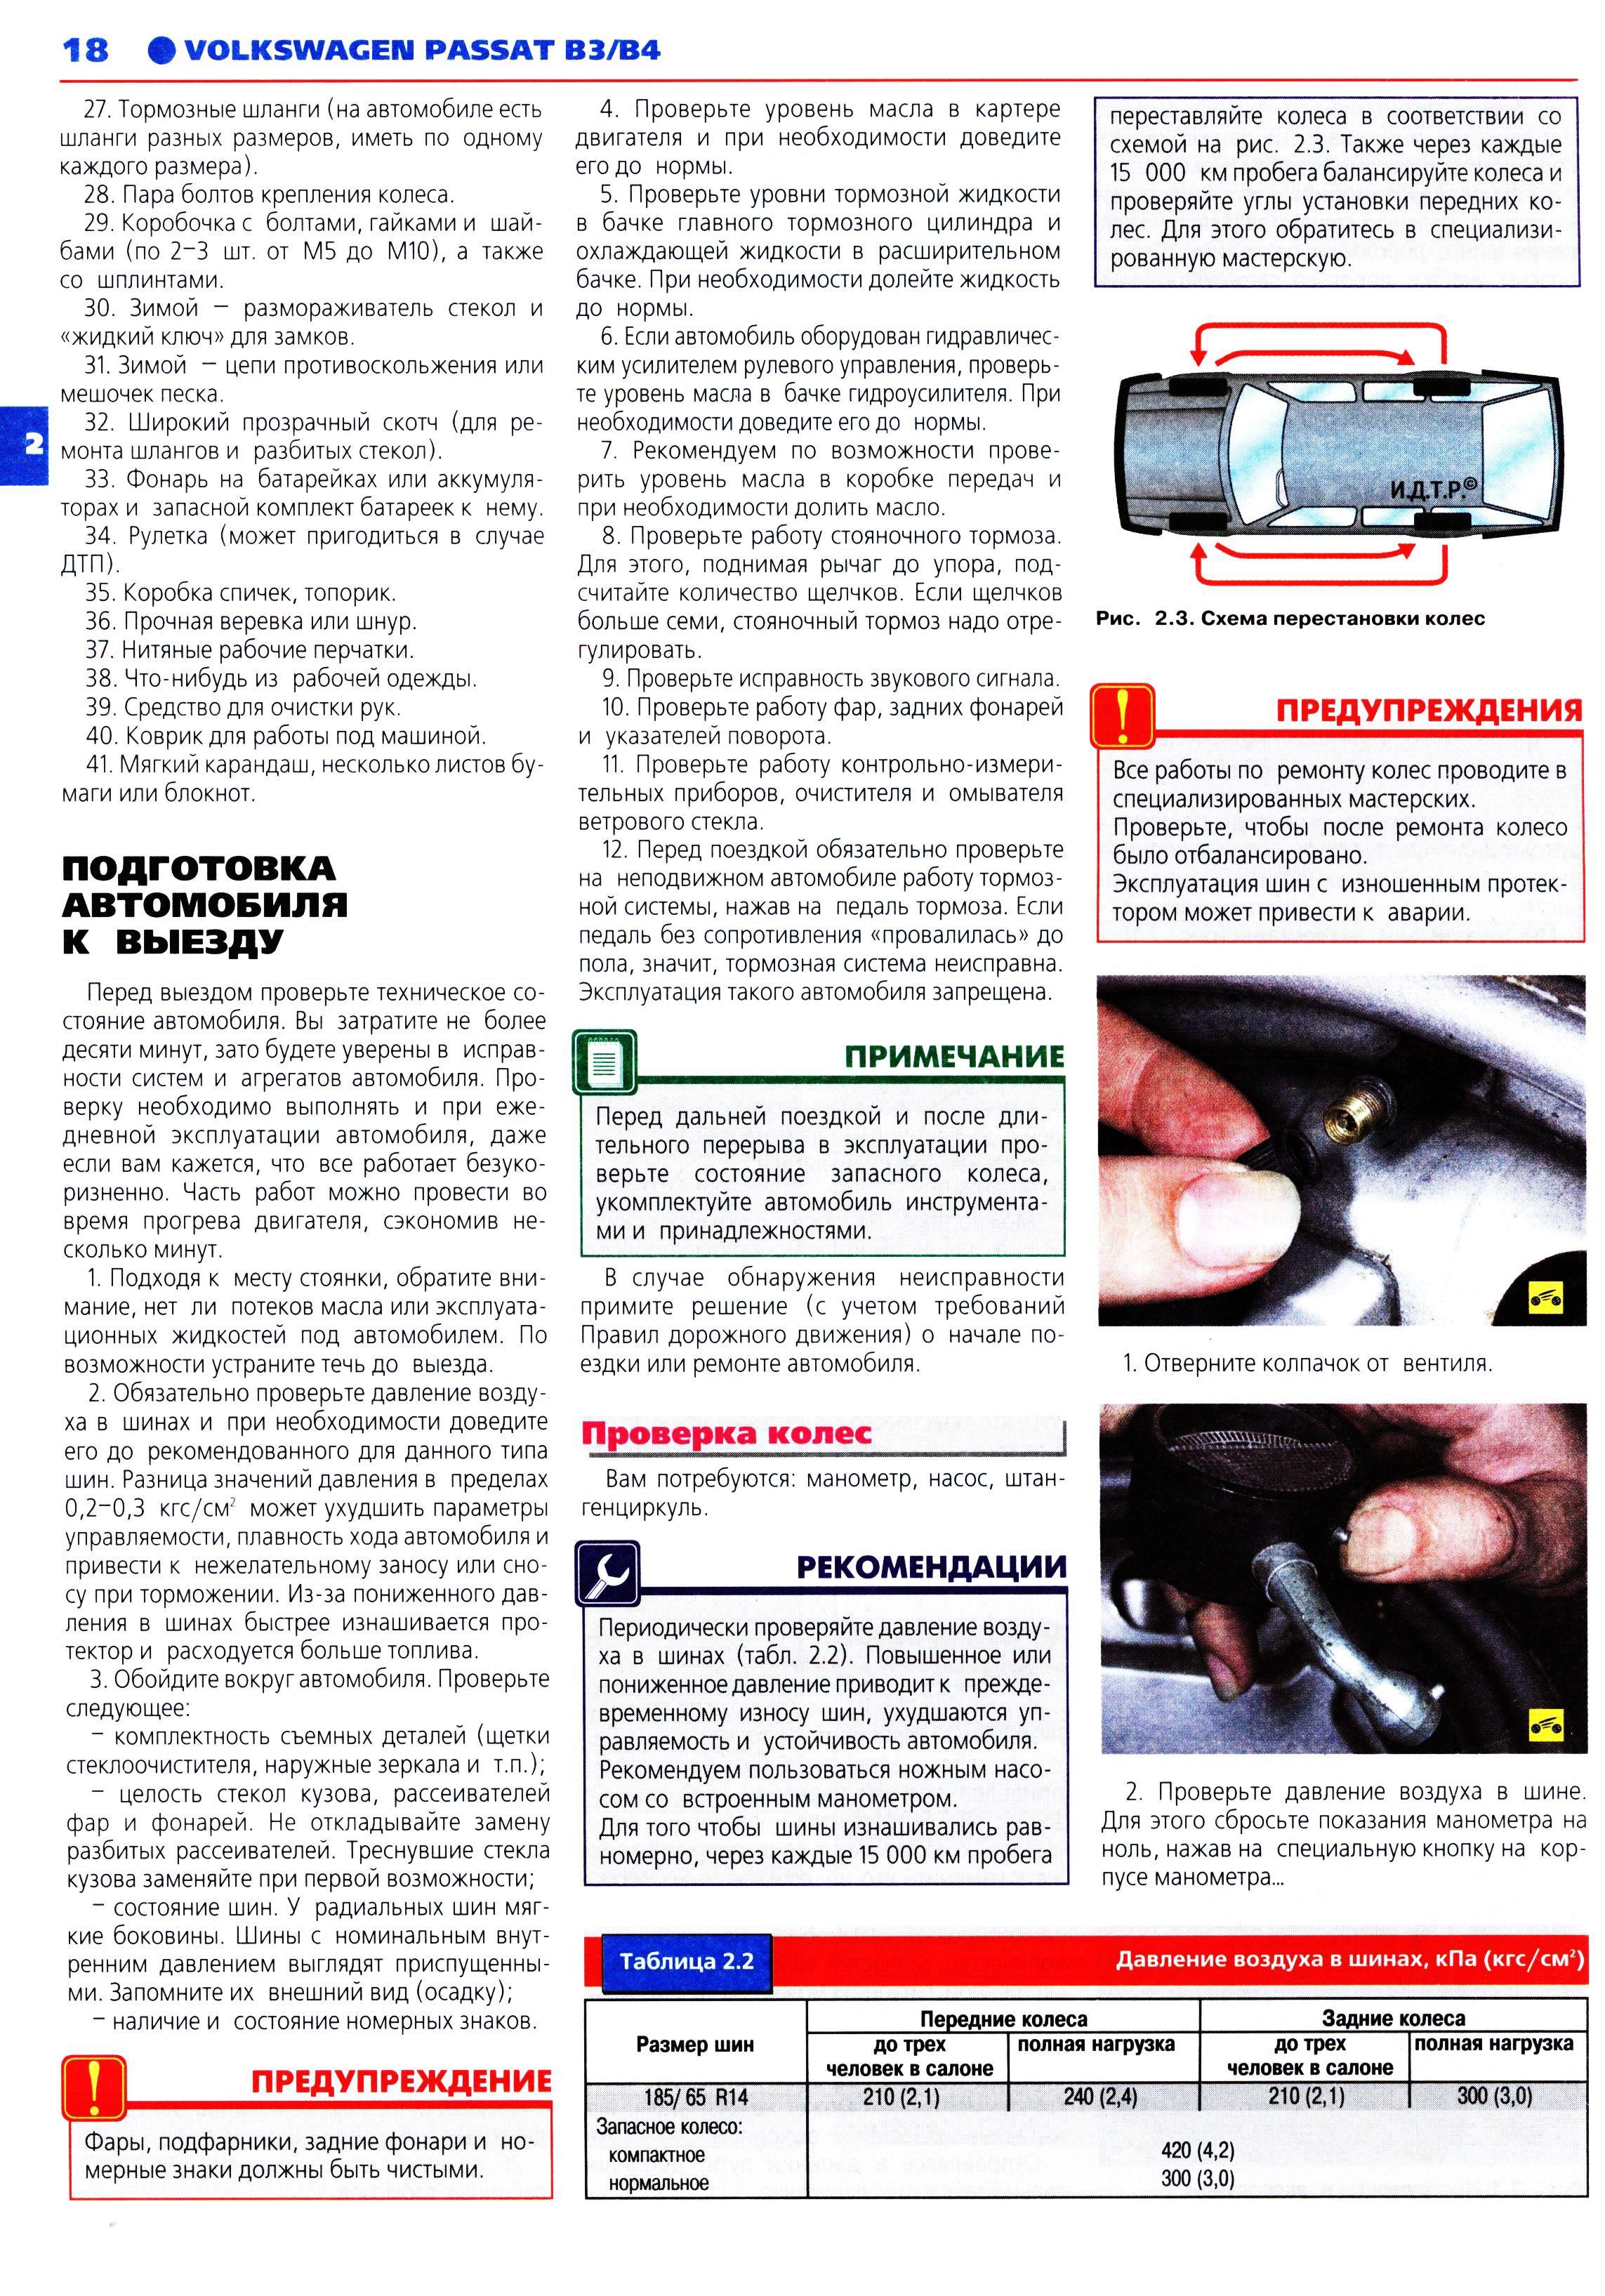 книга по ремонту и эксплуатации ситроен с5 с 2008 года